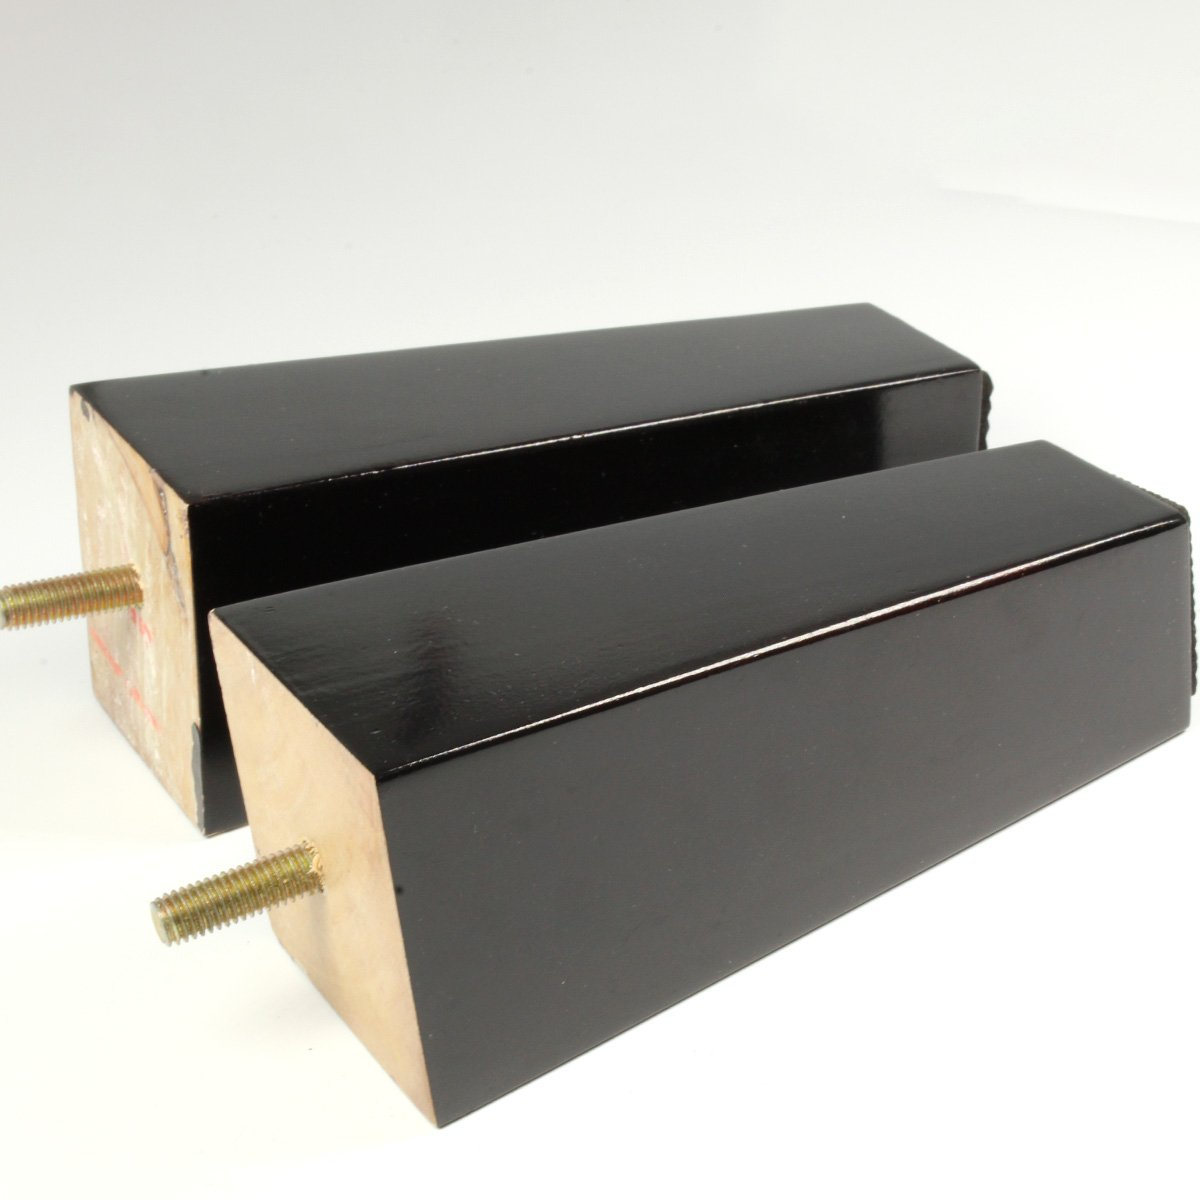 4 x schwarz Holz Möbel Beine Ersatz IKEA Beine Möbel Raise Füße Bett ...